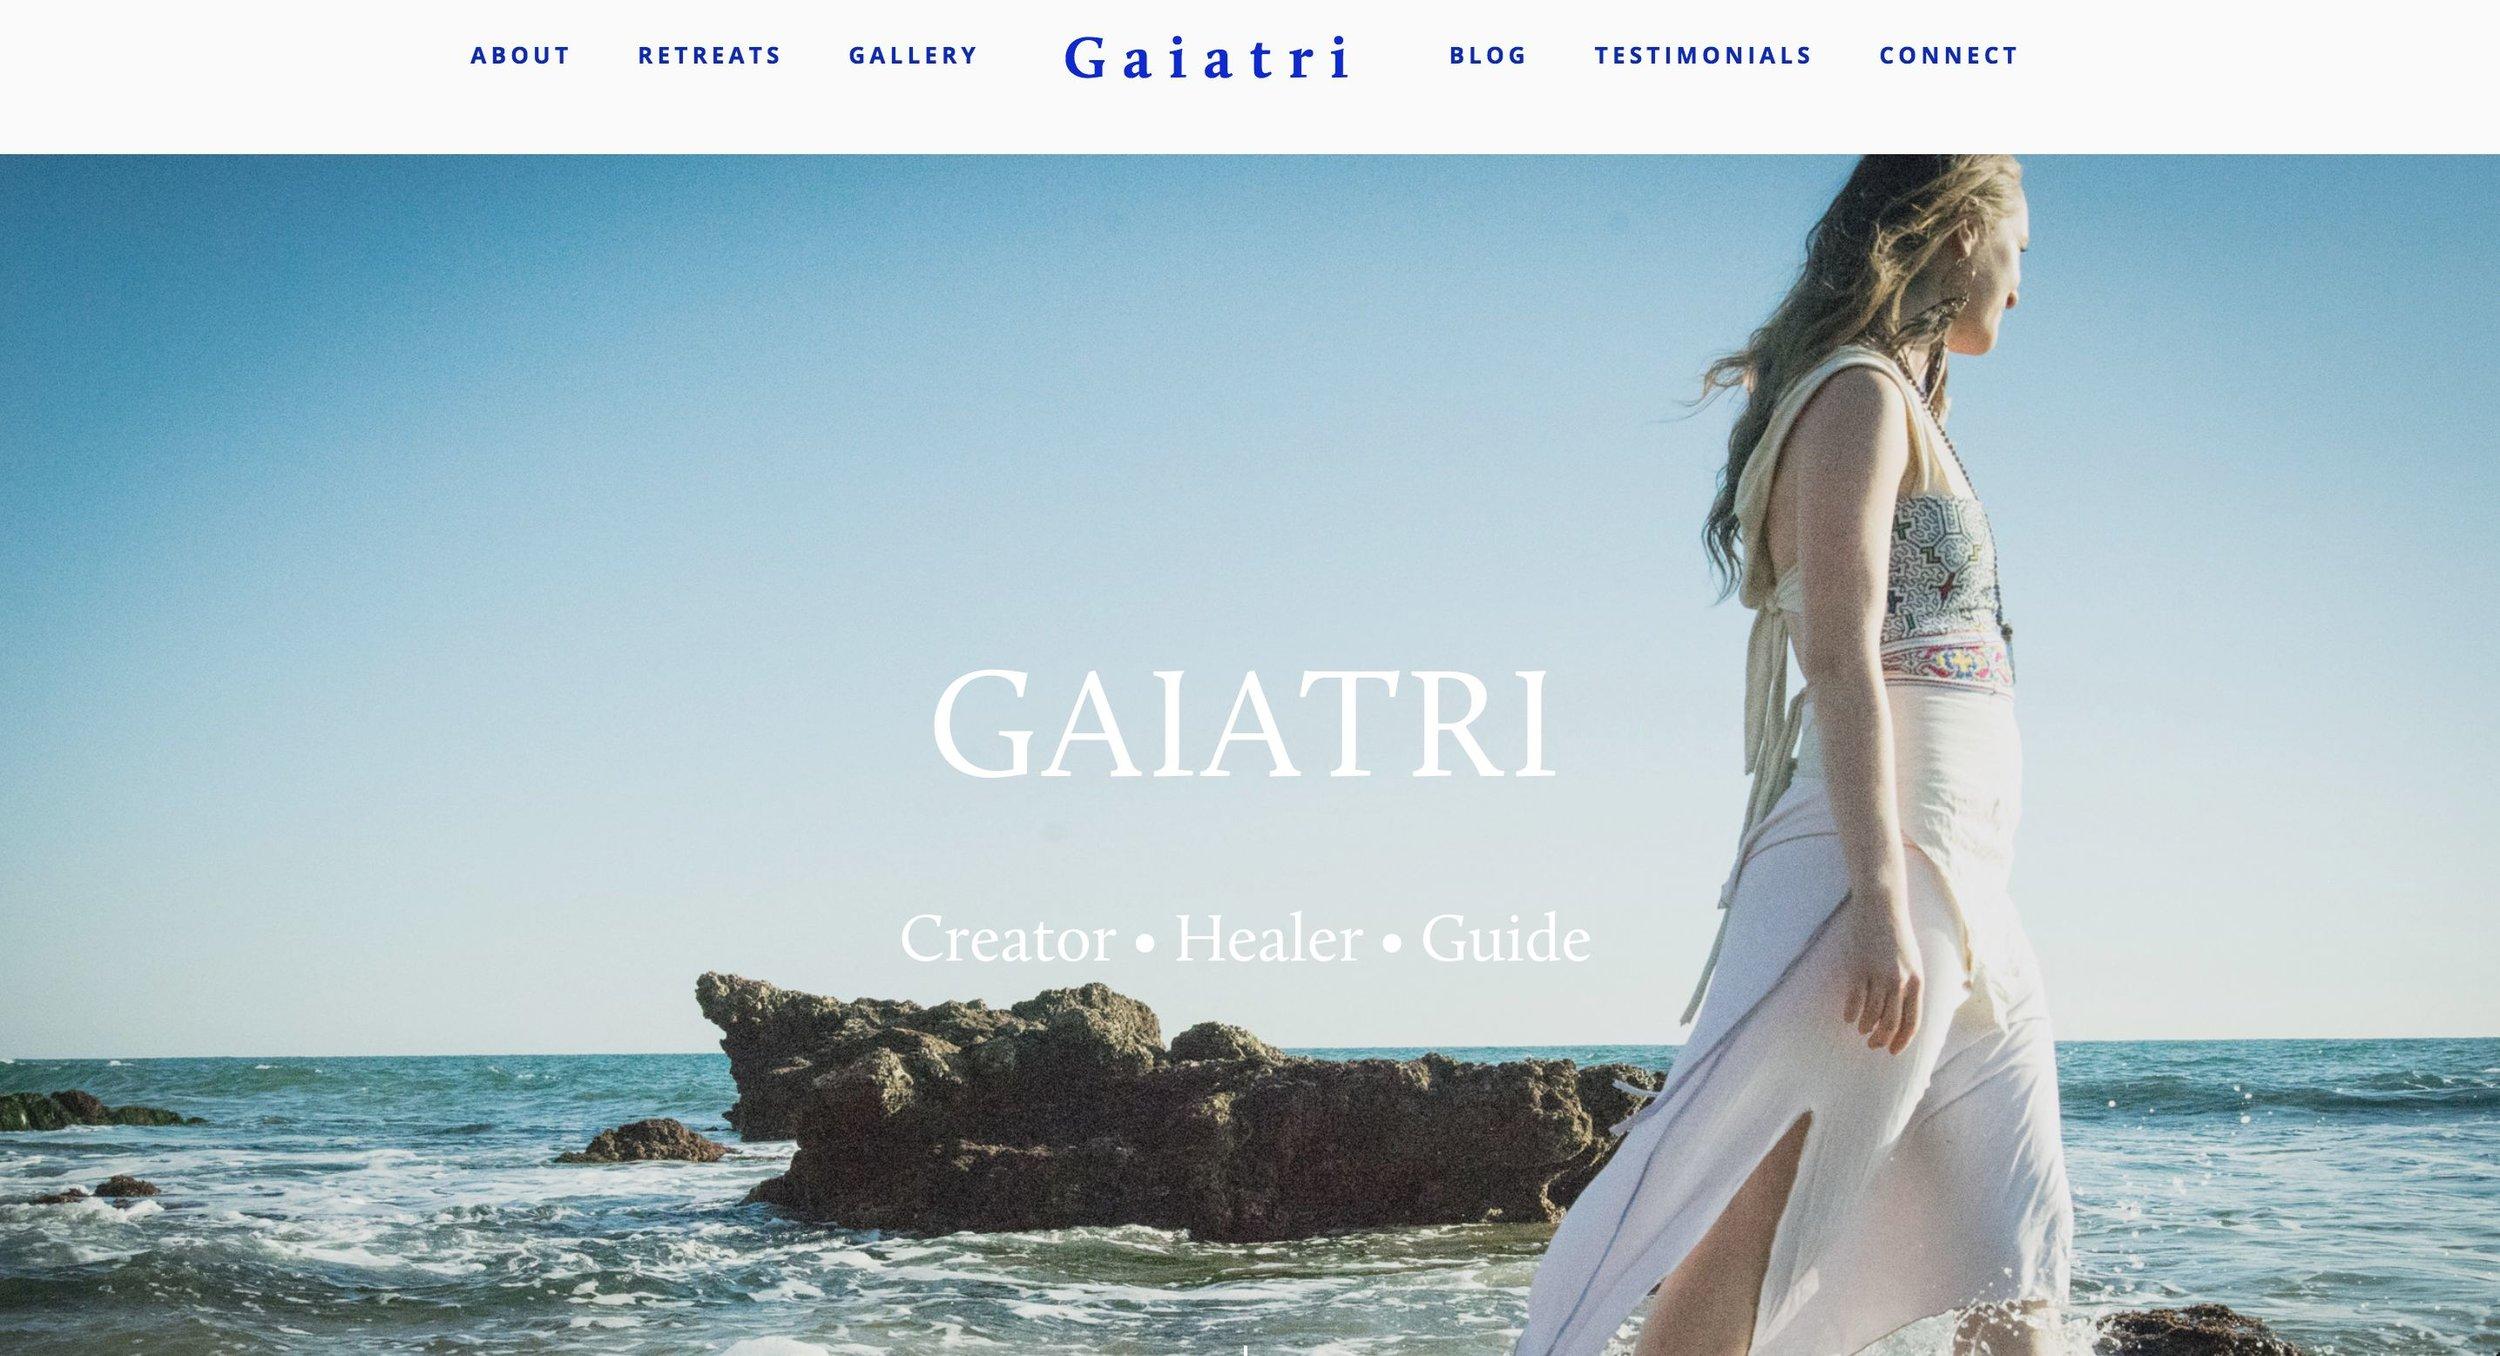 Gaiatri.org